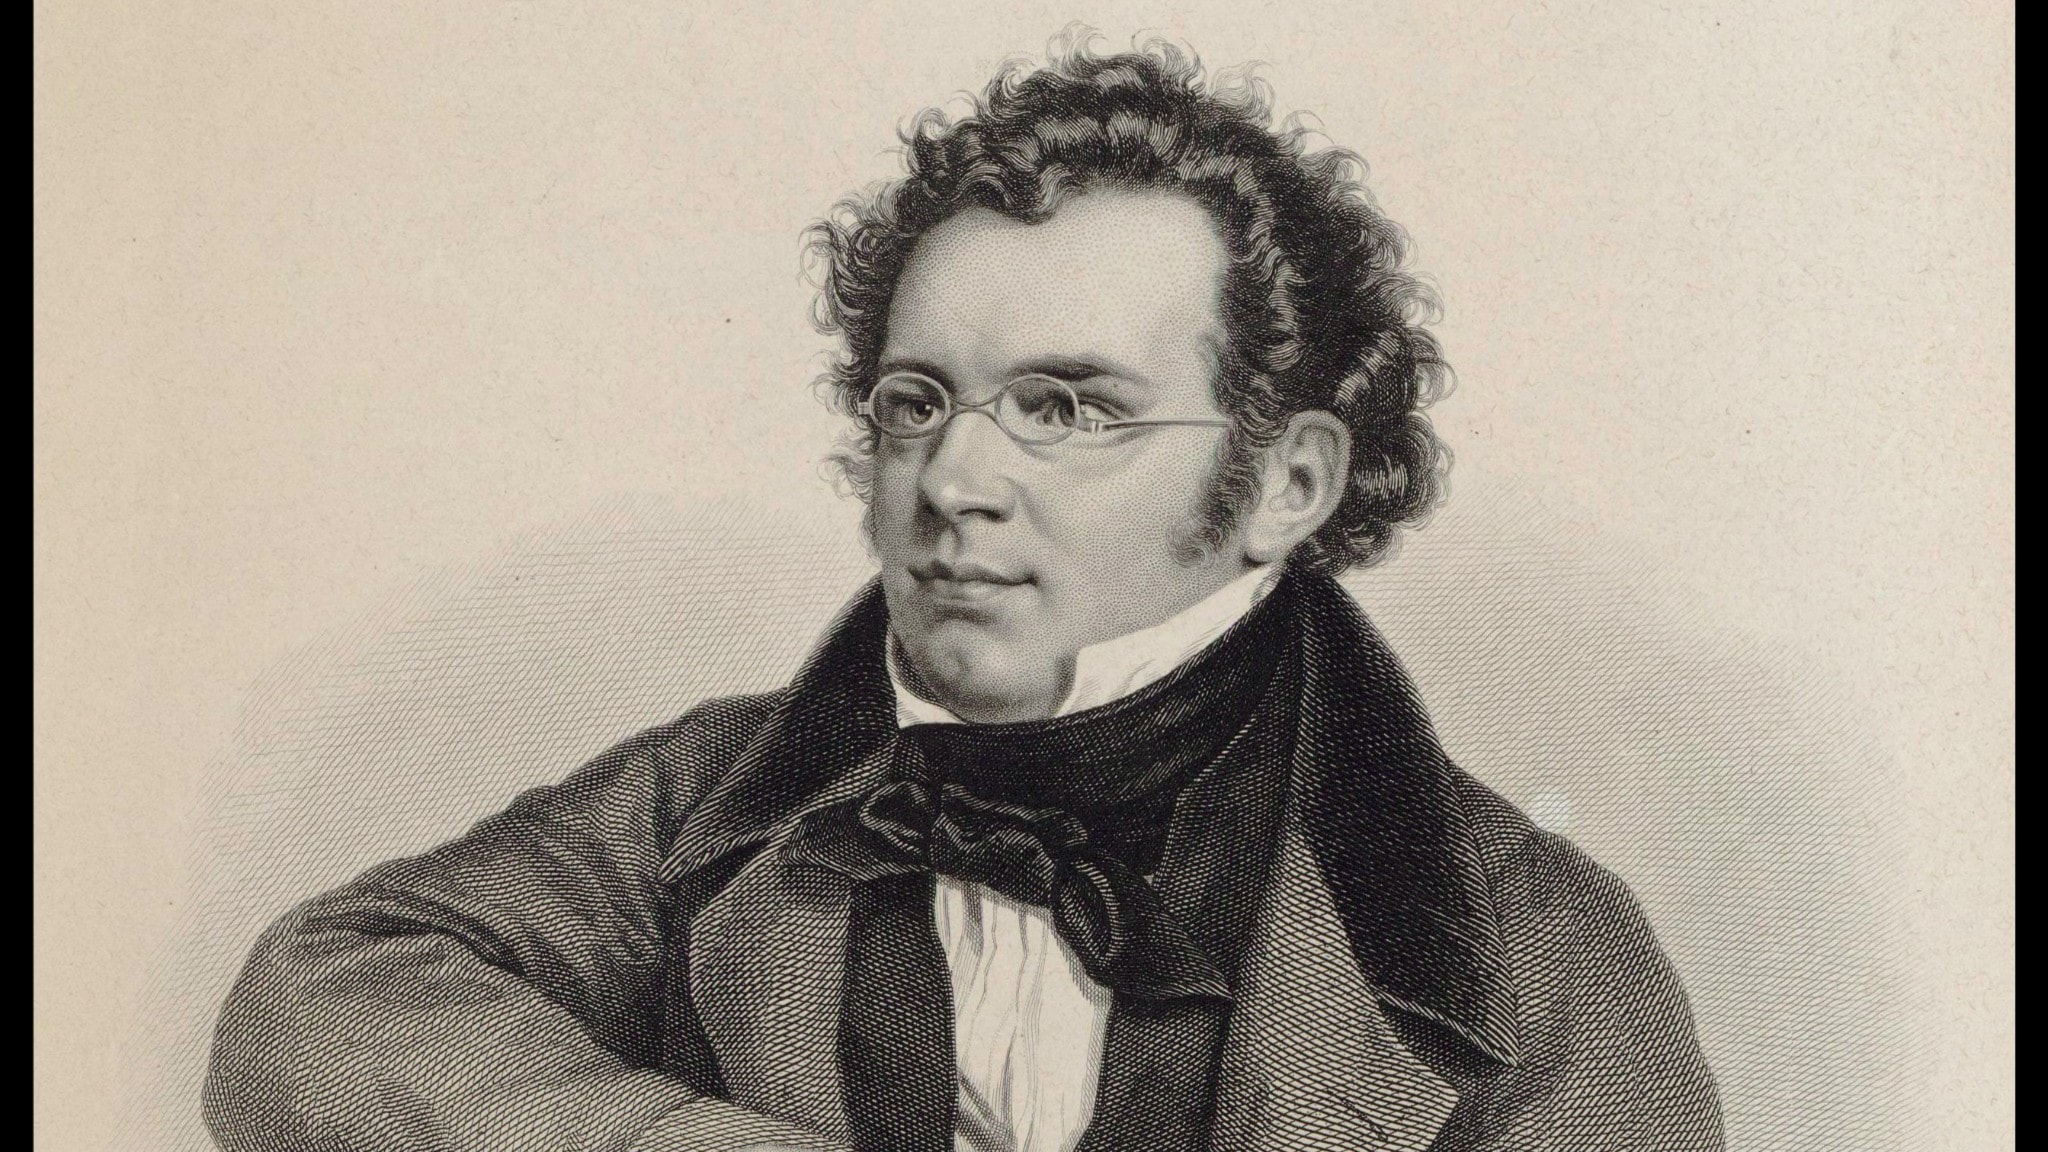 Franz Schubert efter 1850. August Weger.